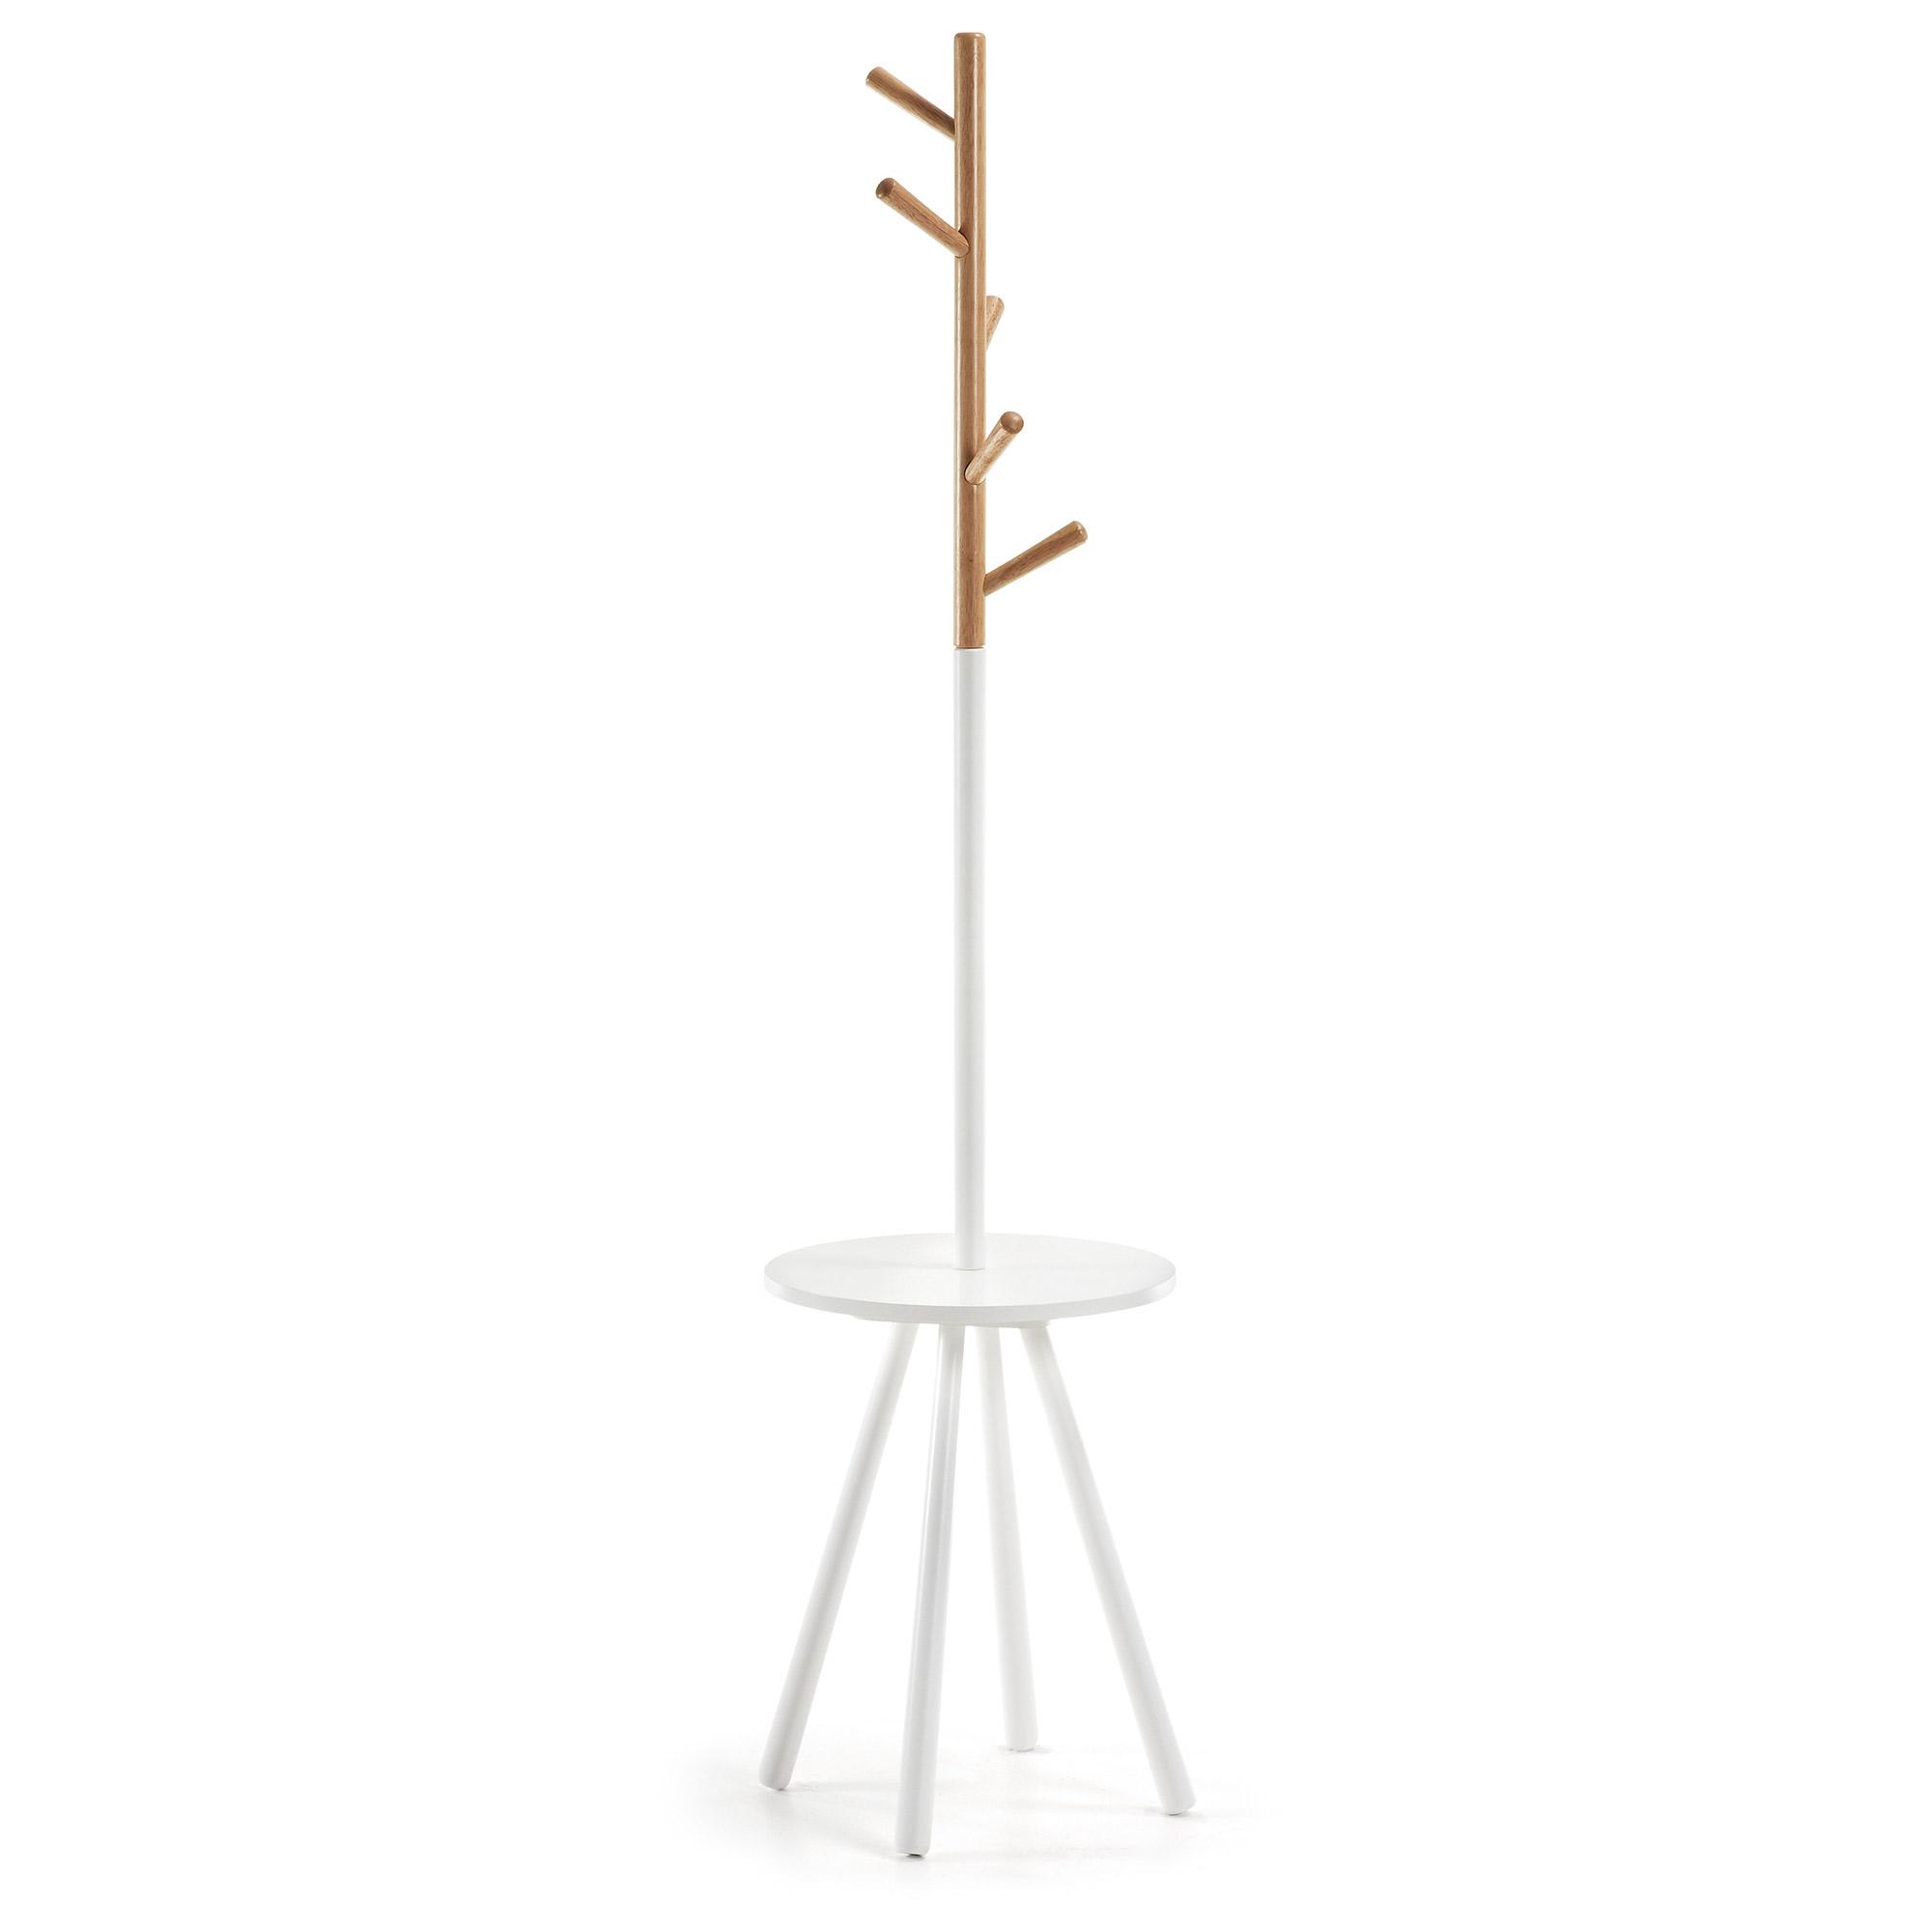 LAFORMA Bren stumtjener - natur/hvid træ